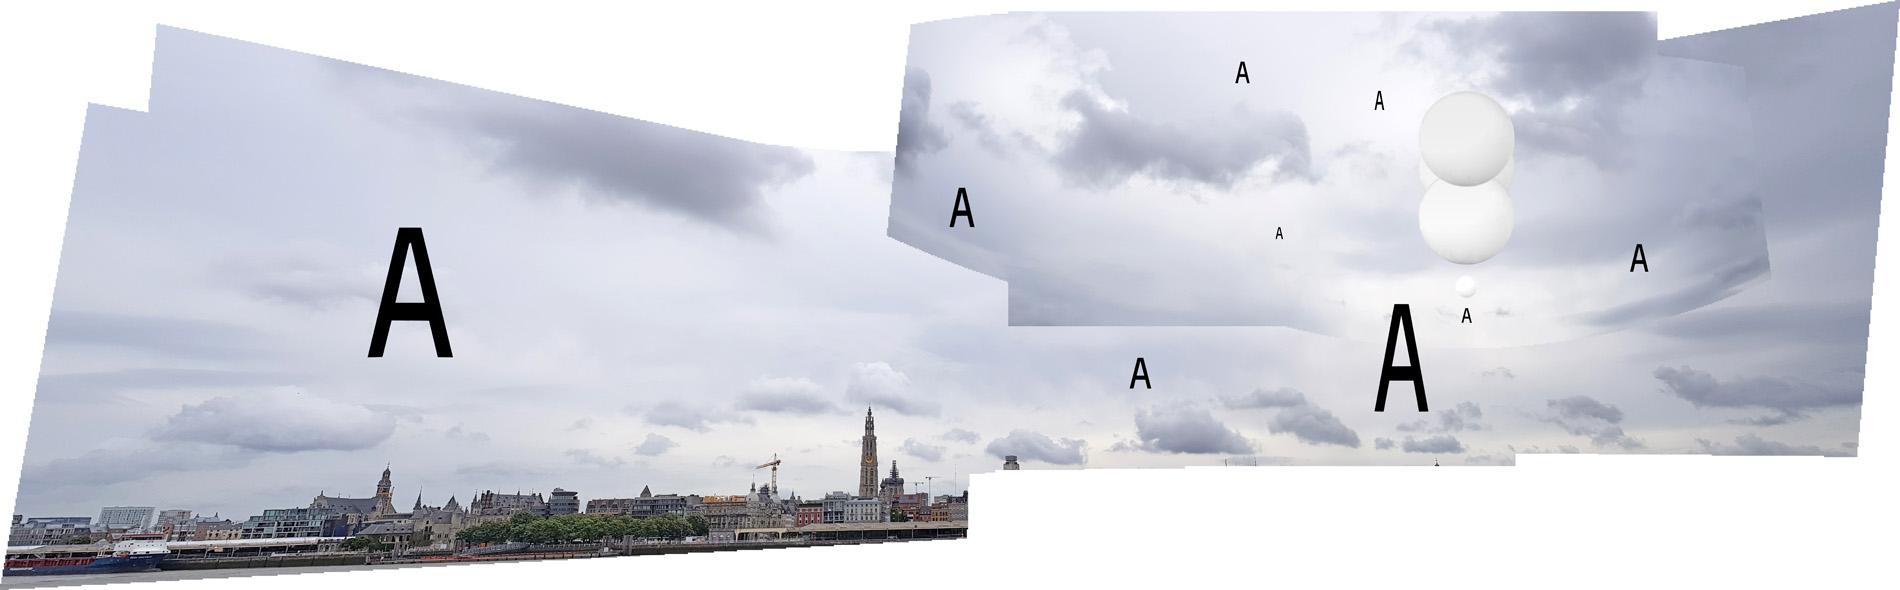 Eric Colpaert   Antwerpen/Antwerp (Appearances in the Sky) 2018